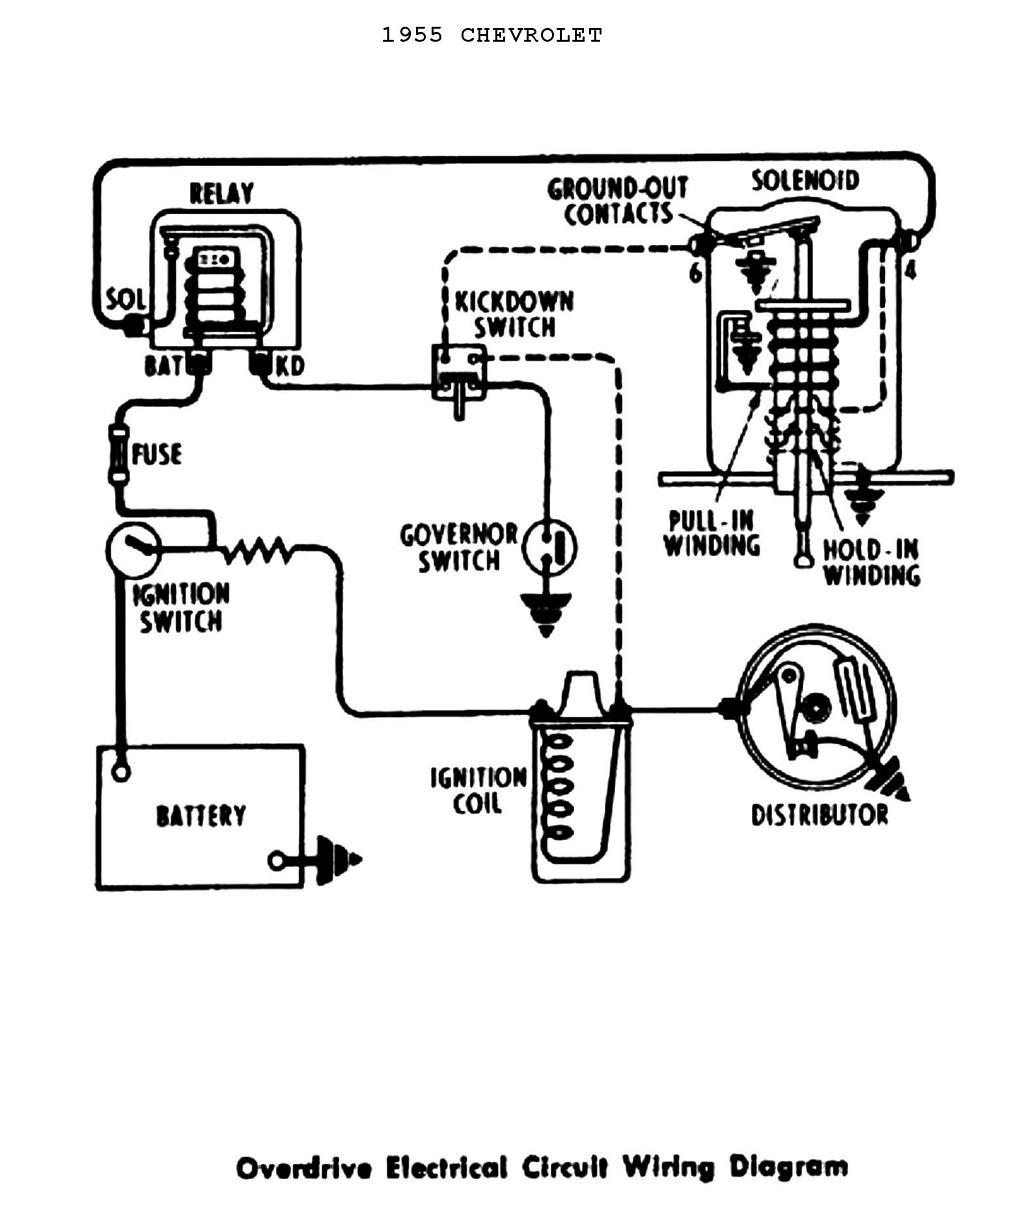 msd 6a hei wiring diagram